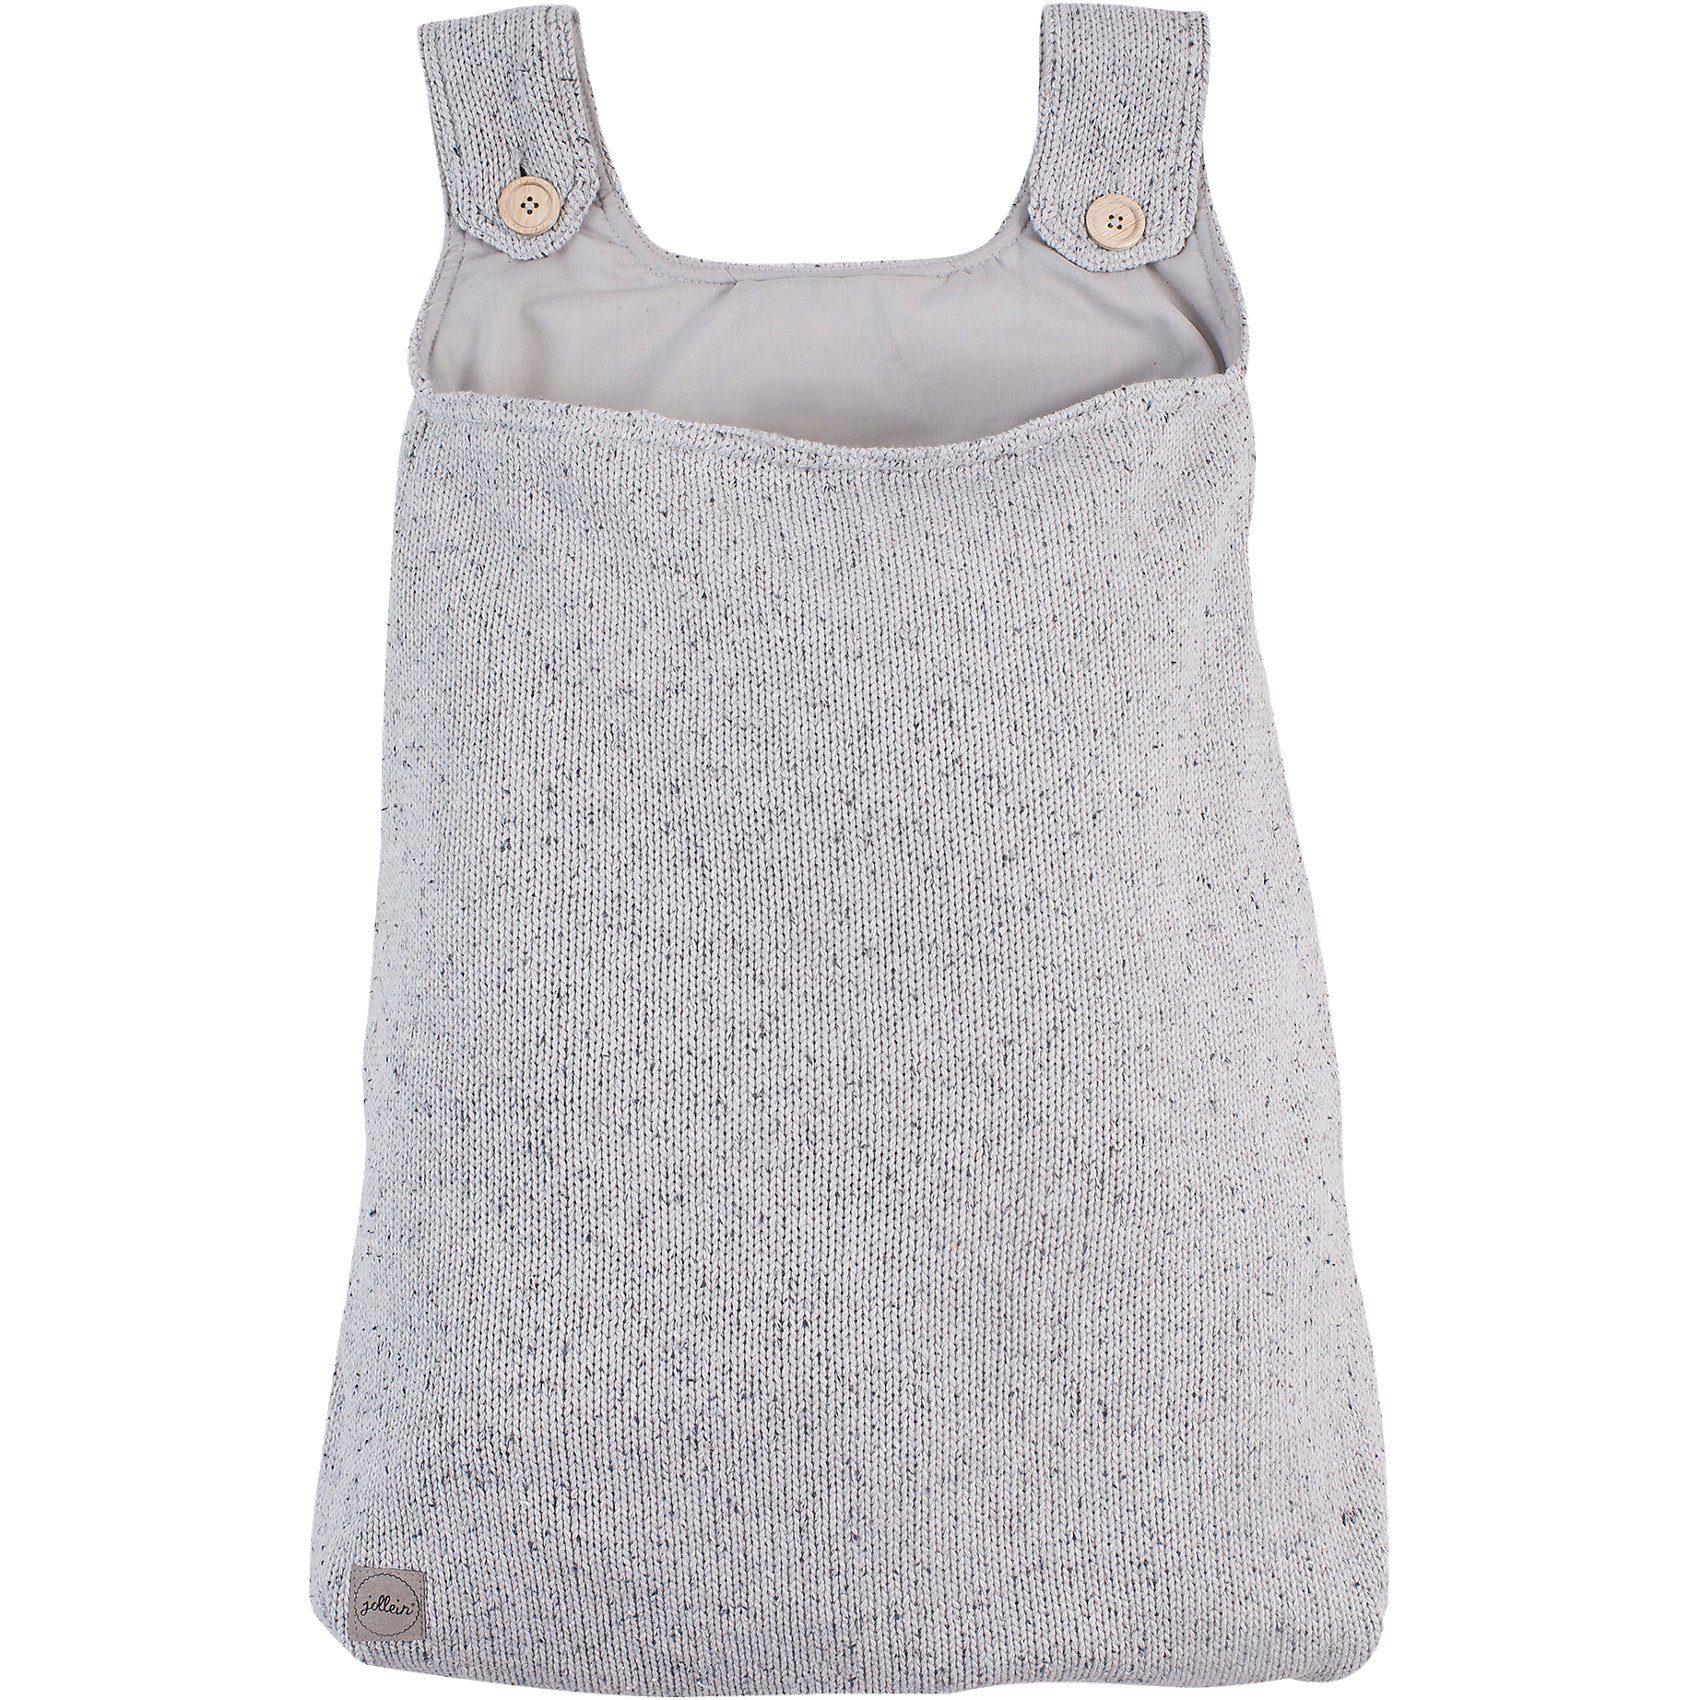 Jollein Aufbewahrungstasche Confetti knit grau